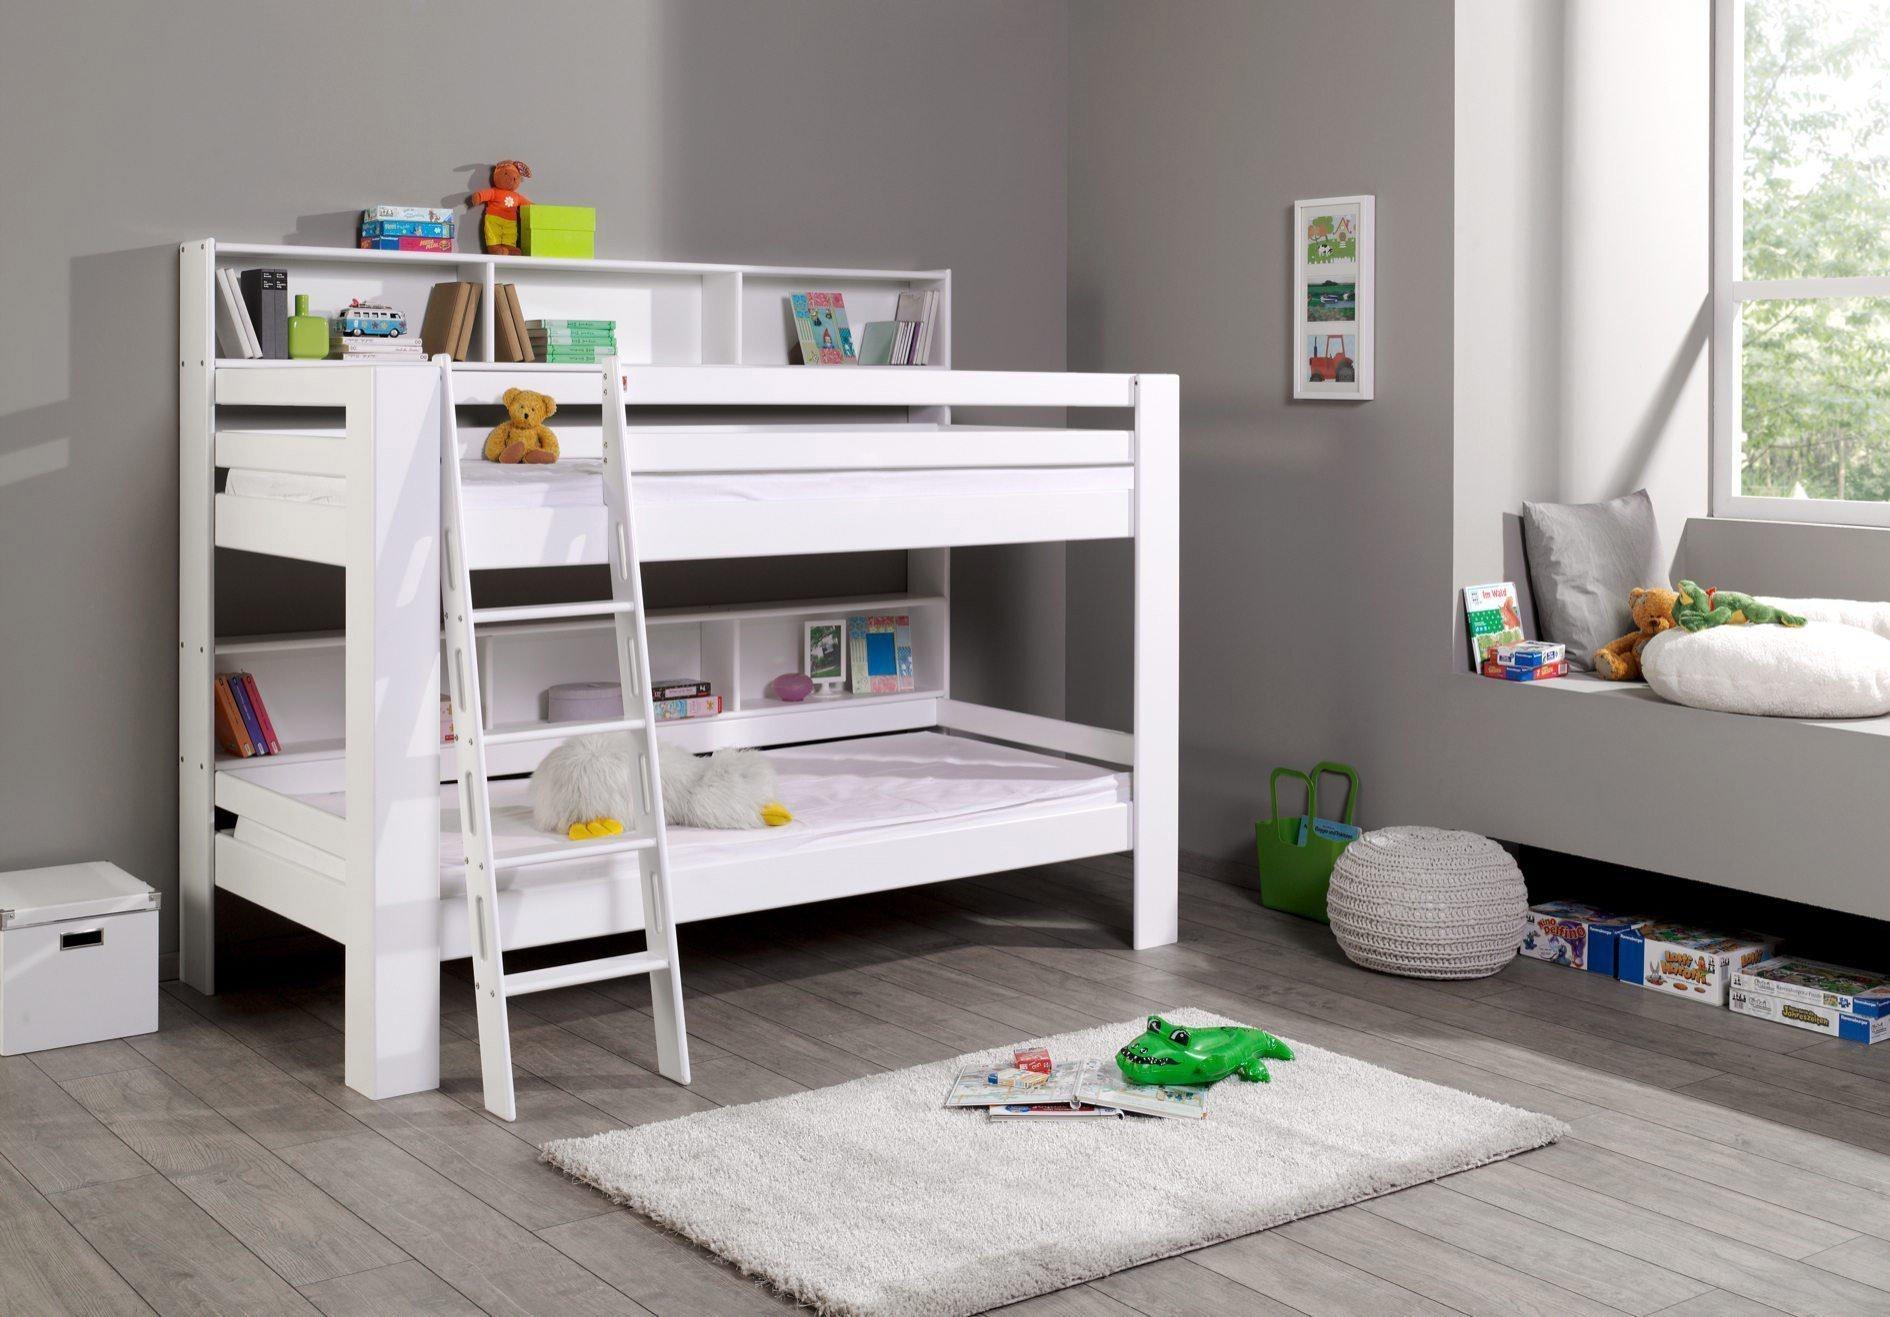 Zwei Etagenbett : Etagenbett kinderzimmer ausstattung und möbel gebraucht kaufen in